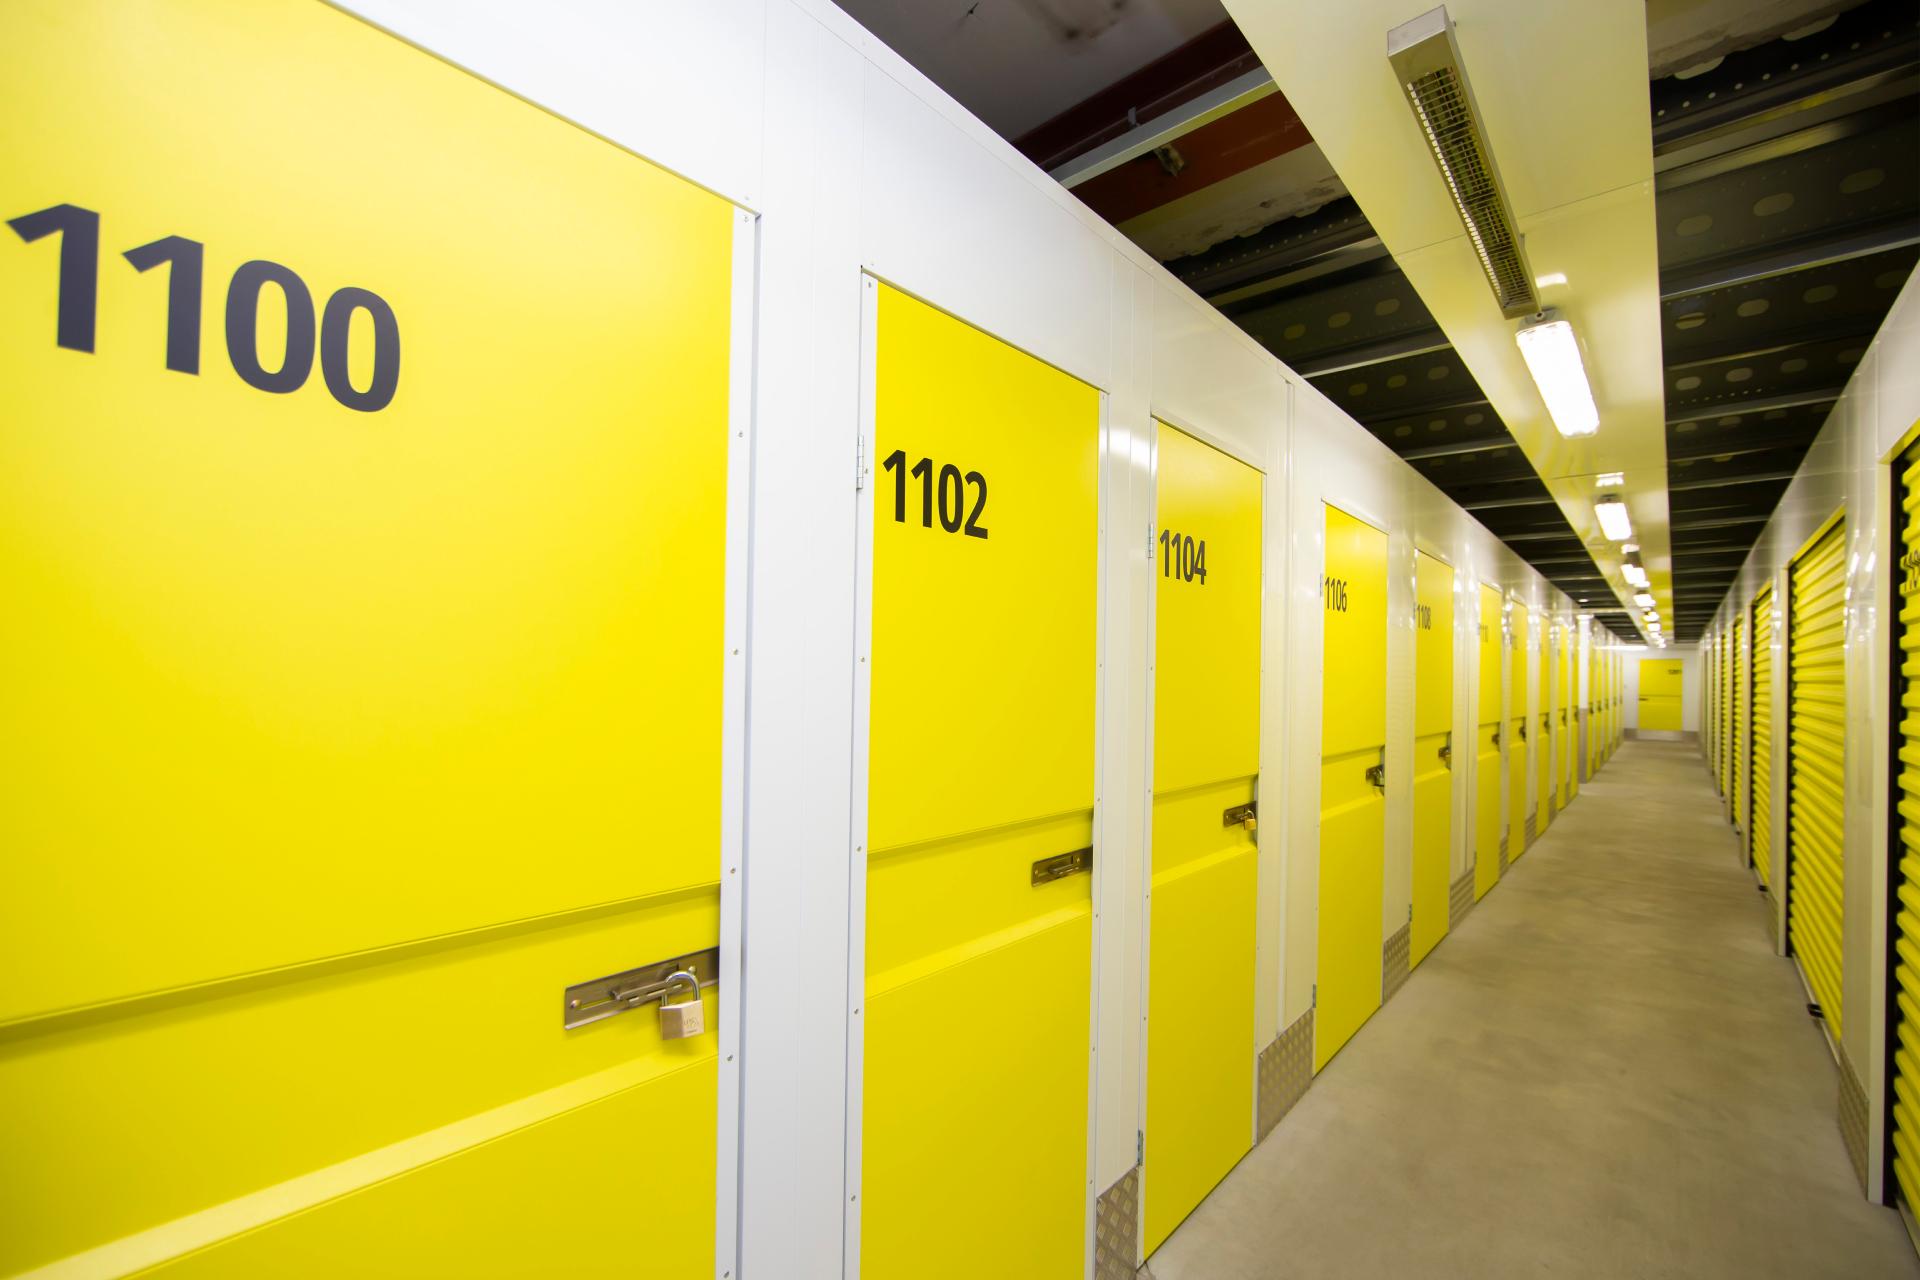 Девелоперы понимают потребности покупателей новостроек и стали оборудовать теплые помещения для хранения вещей на цокольных или подвальных этажах